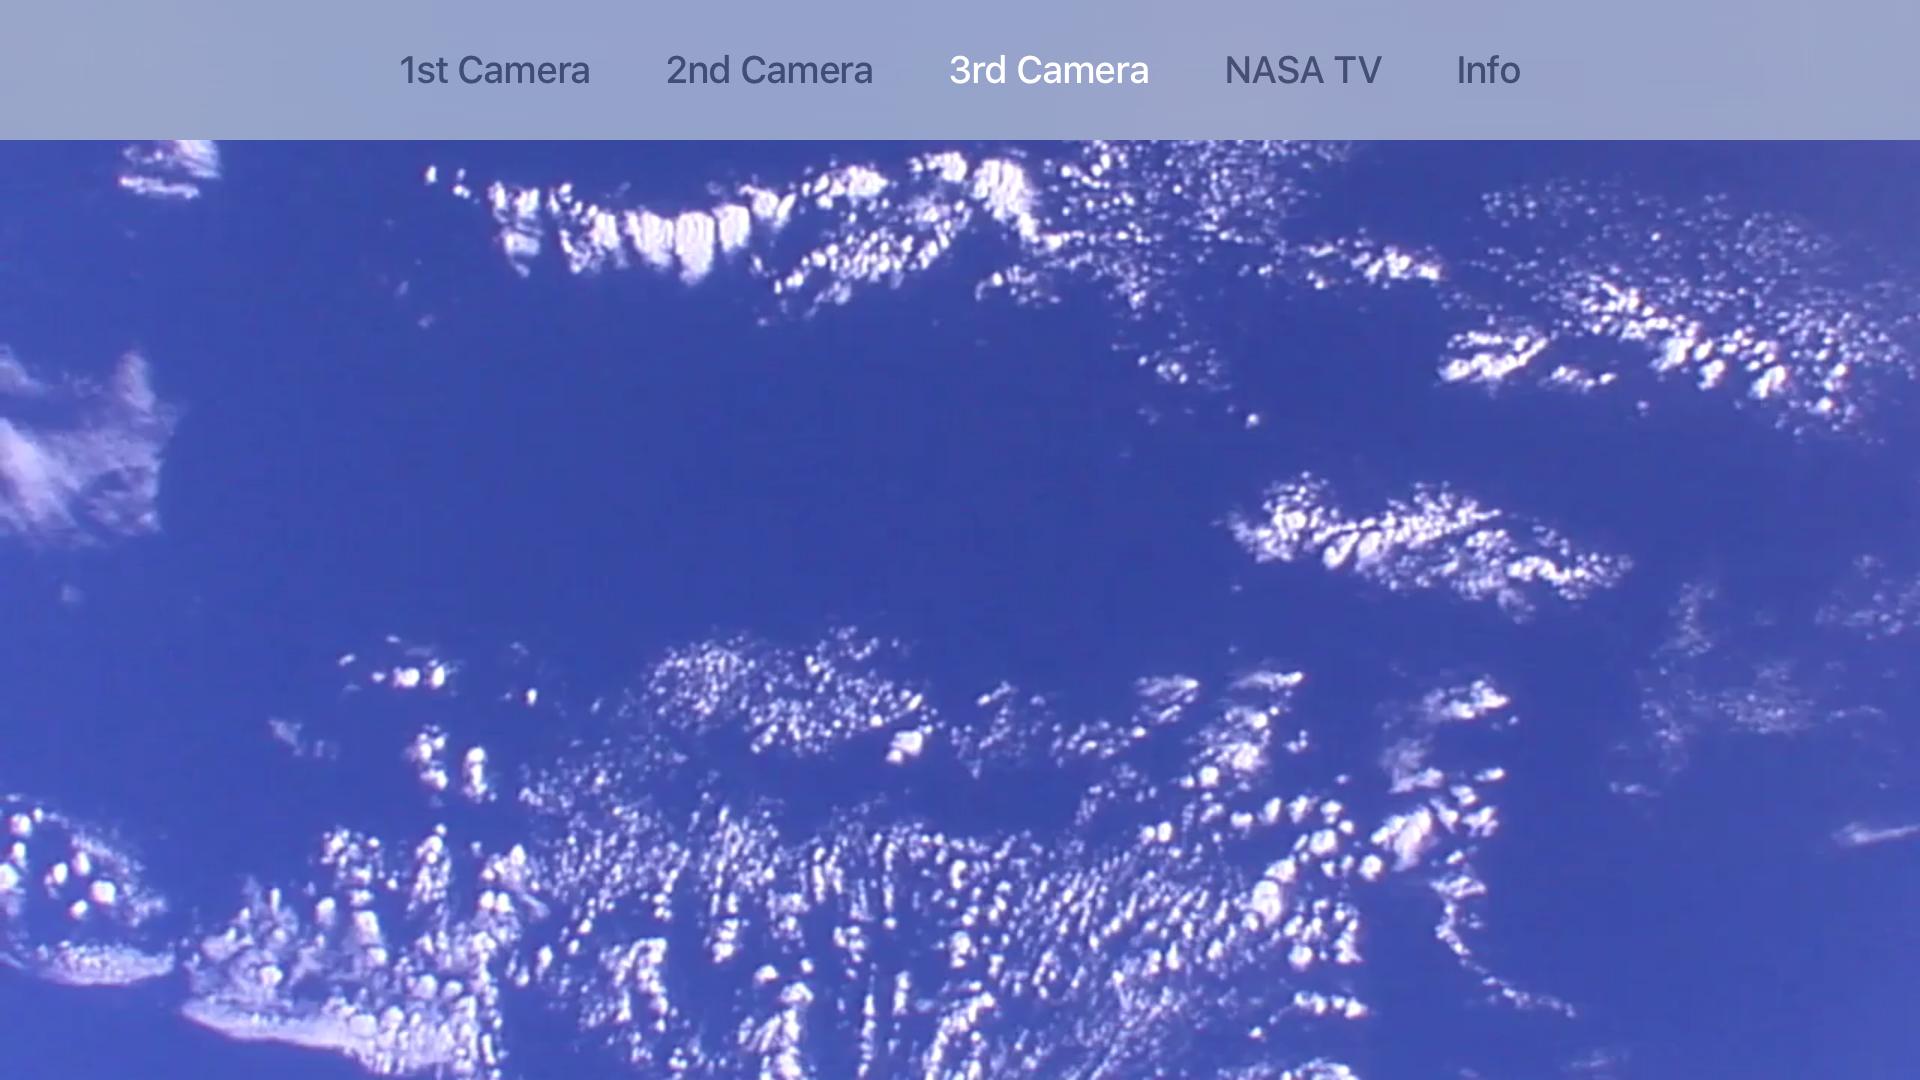 ISS live feed screenshot 2